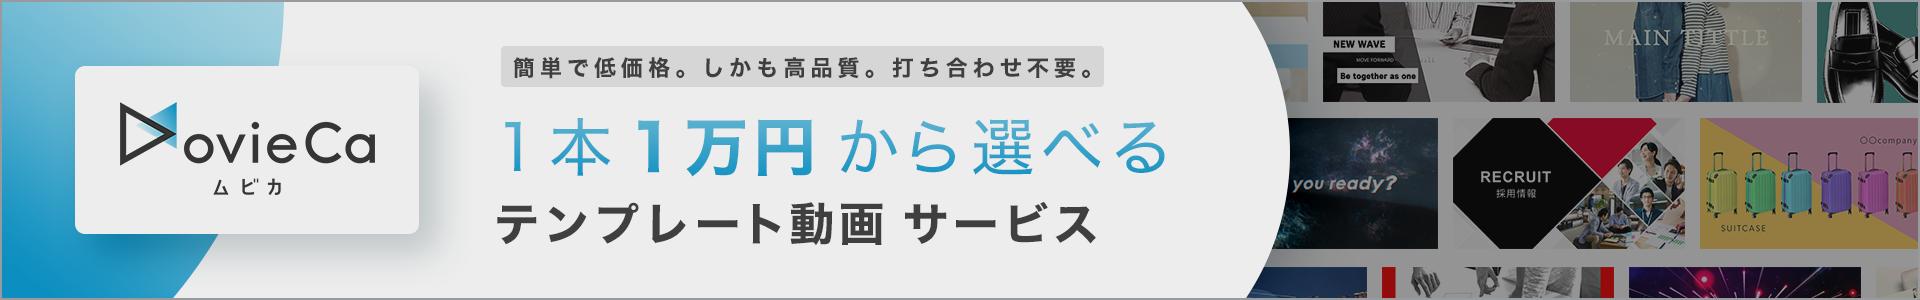 簡単で低価格。しかも高品質。打ち合わせ不要。1本1万円から選べるテンプレート動画サービス「Movica(ムビカ)」